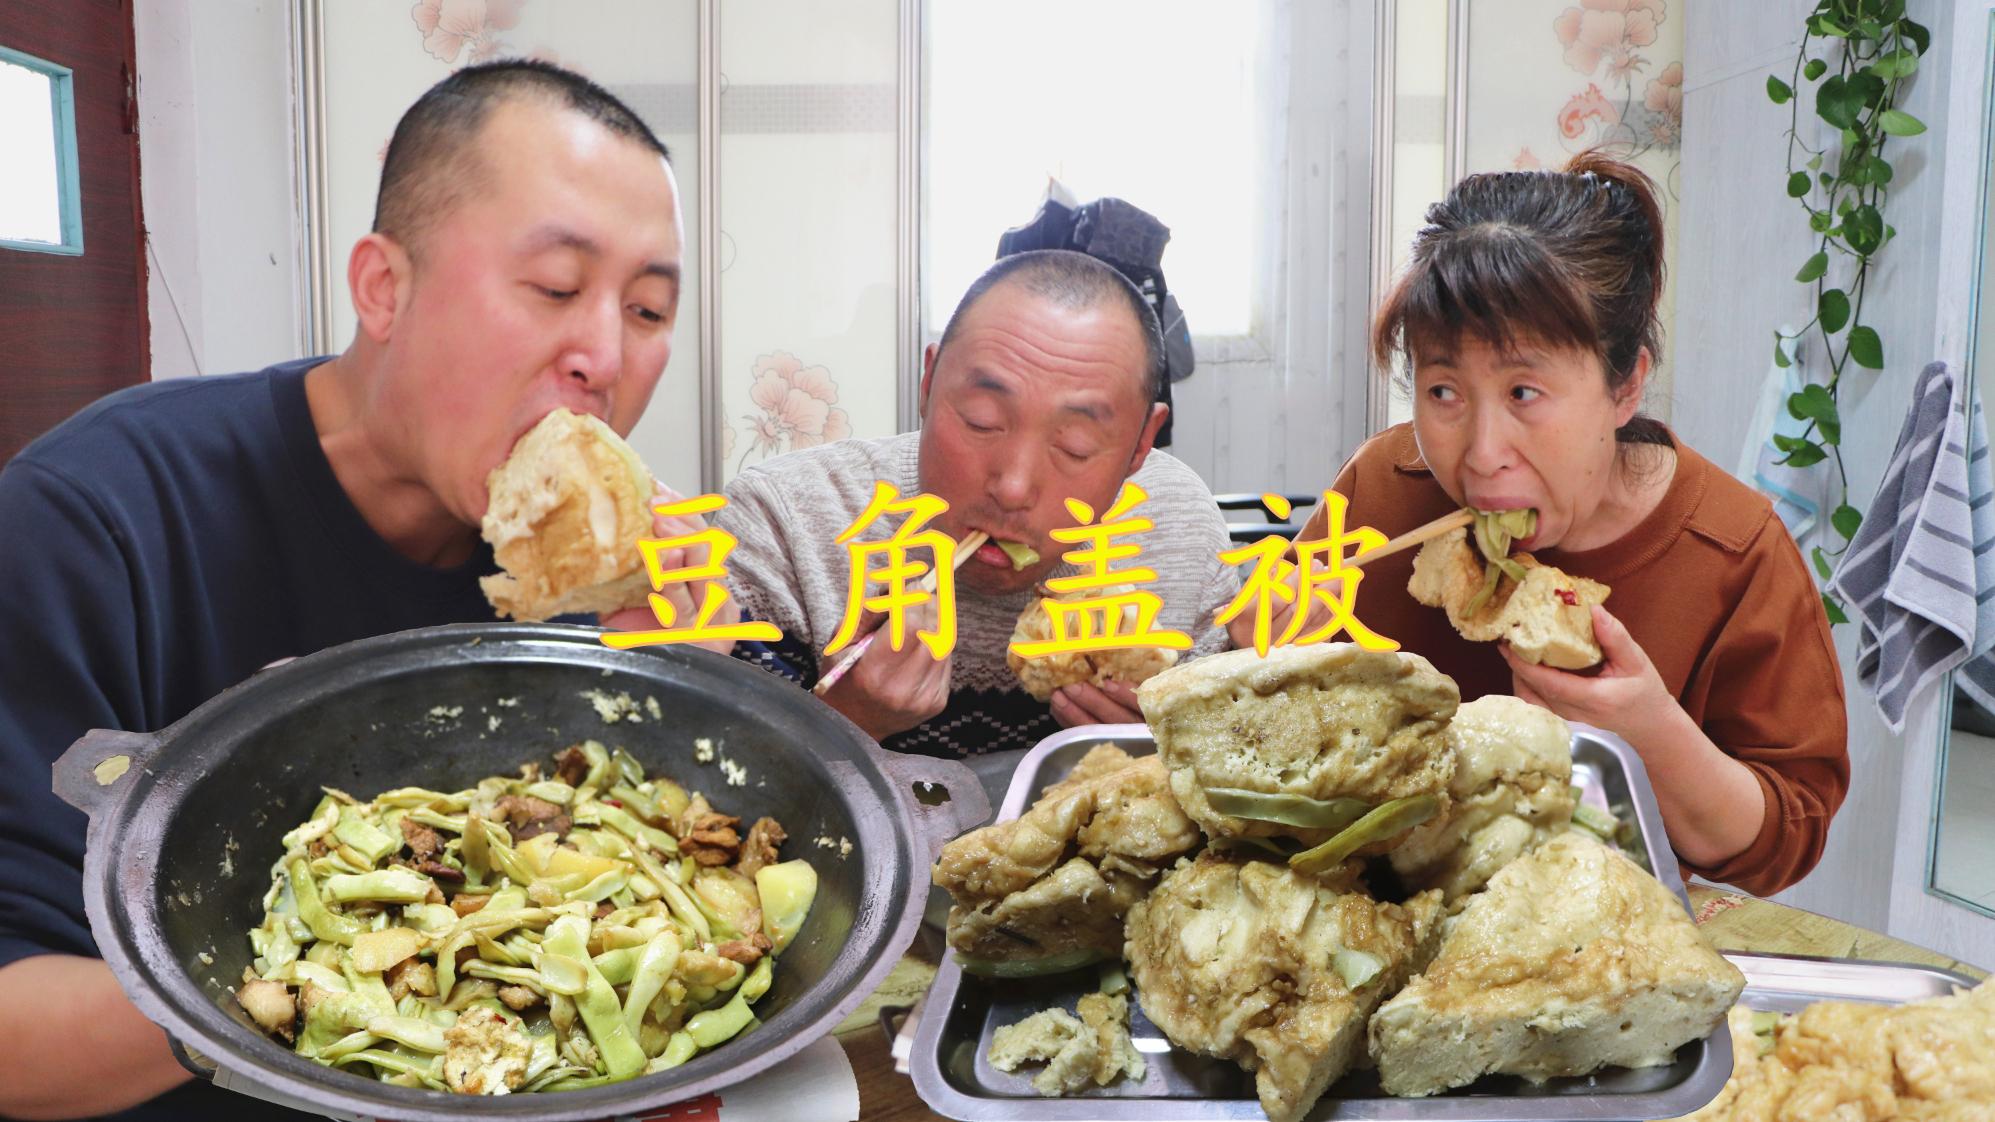 """25买一个铁锅,做一道""""豆角盖被""""一锅全吃光了,味道真不赖"""